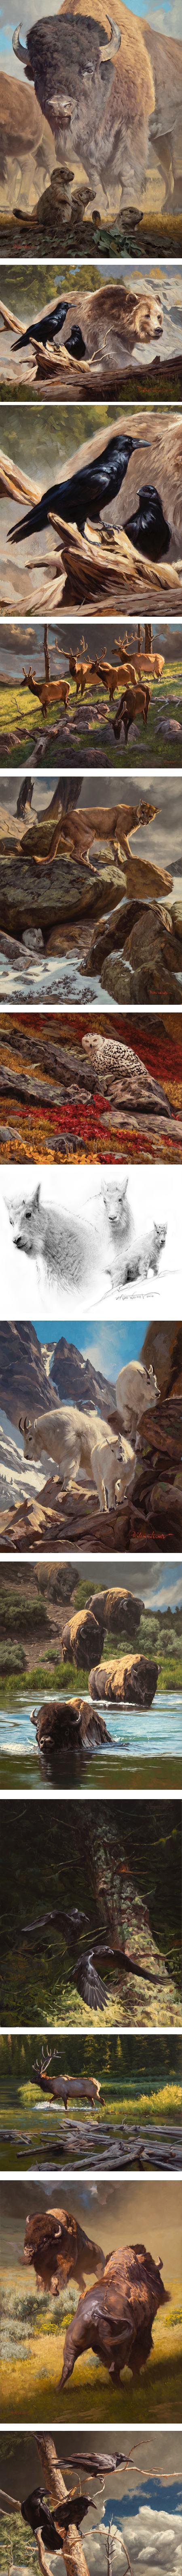 Dustin Van Wechel, wildlife art